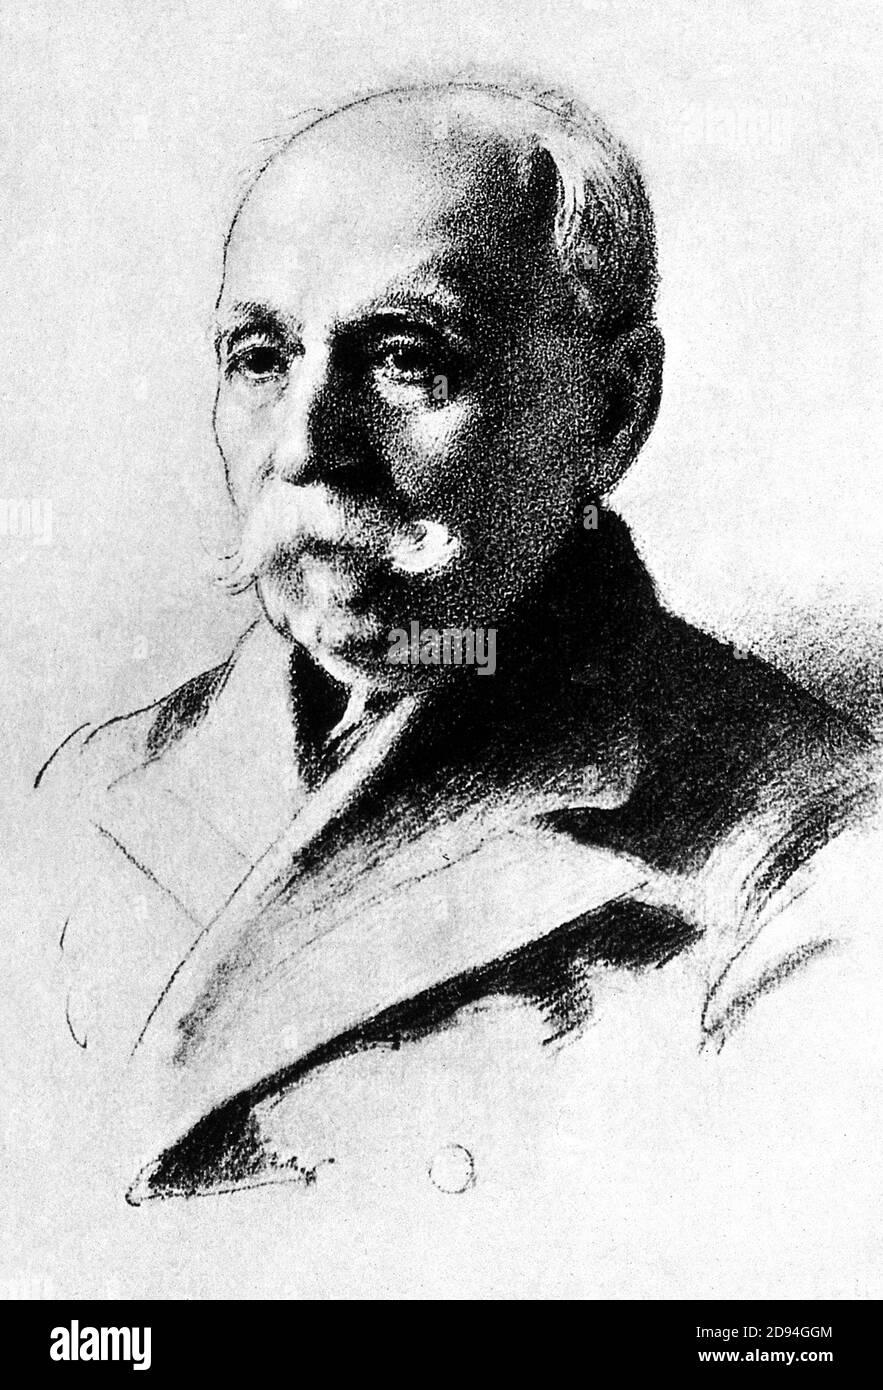 1923 , ITALIA : il medico e scienziato italiano CAMILLO GOLGI ( 1843 - 1926 ) . Nel 1906 ha ricevuto il Premio Nobel per la Fisiologia o la Medicina per il suo contributo con Santiago Ramón y Cajal in riconoscimento del loro lavoro sulla struttura del sistema nervoso . Ritratto di una donna pittore Dorotea Landau da Fano . - SISTEMA NERVOSO - NEURLOGO - NEUROLOGIA - NEUROLOGO - NEUROLOGIA - medico - STORIA - foto storiche - foto storica - PREMIO NOBEL PER LA CHIMICA e la fisionologia - CHIMICA - MEDICO - DOTTORE - SCIENZIATO - ritratto - ritratto - CHIMICO - SCIENZIATO - SCIENZA - SCIENZA Foto Stock